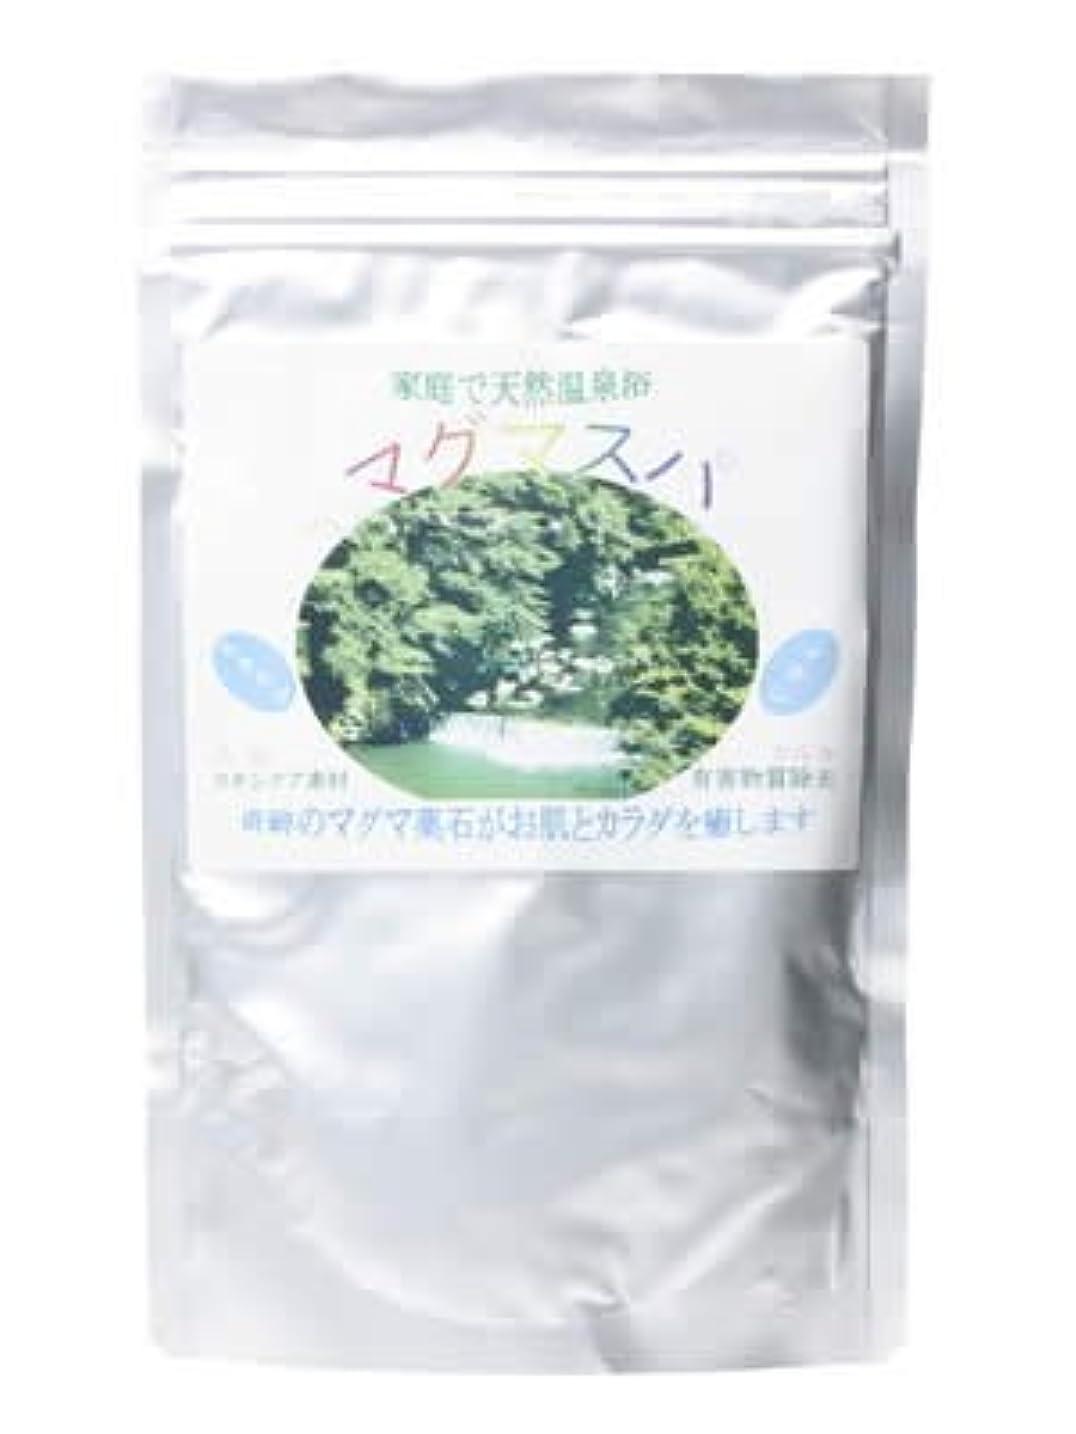 おびえたフェードアウトマングル天然薬石入浴剤マグマスパ 360g